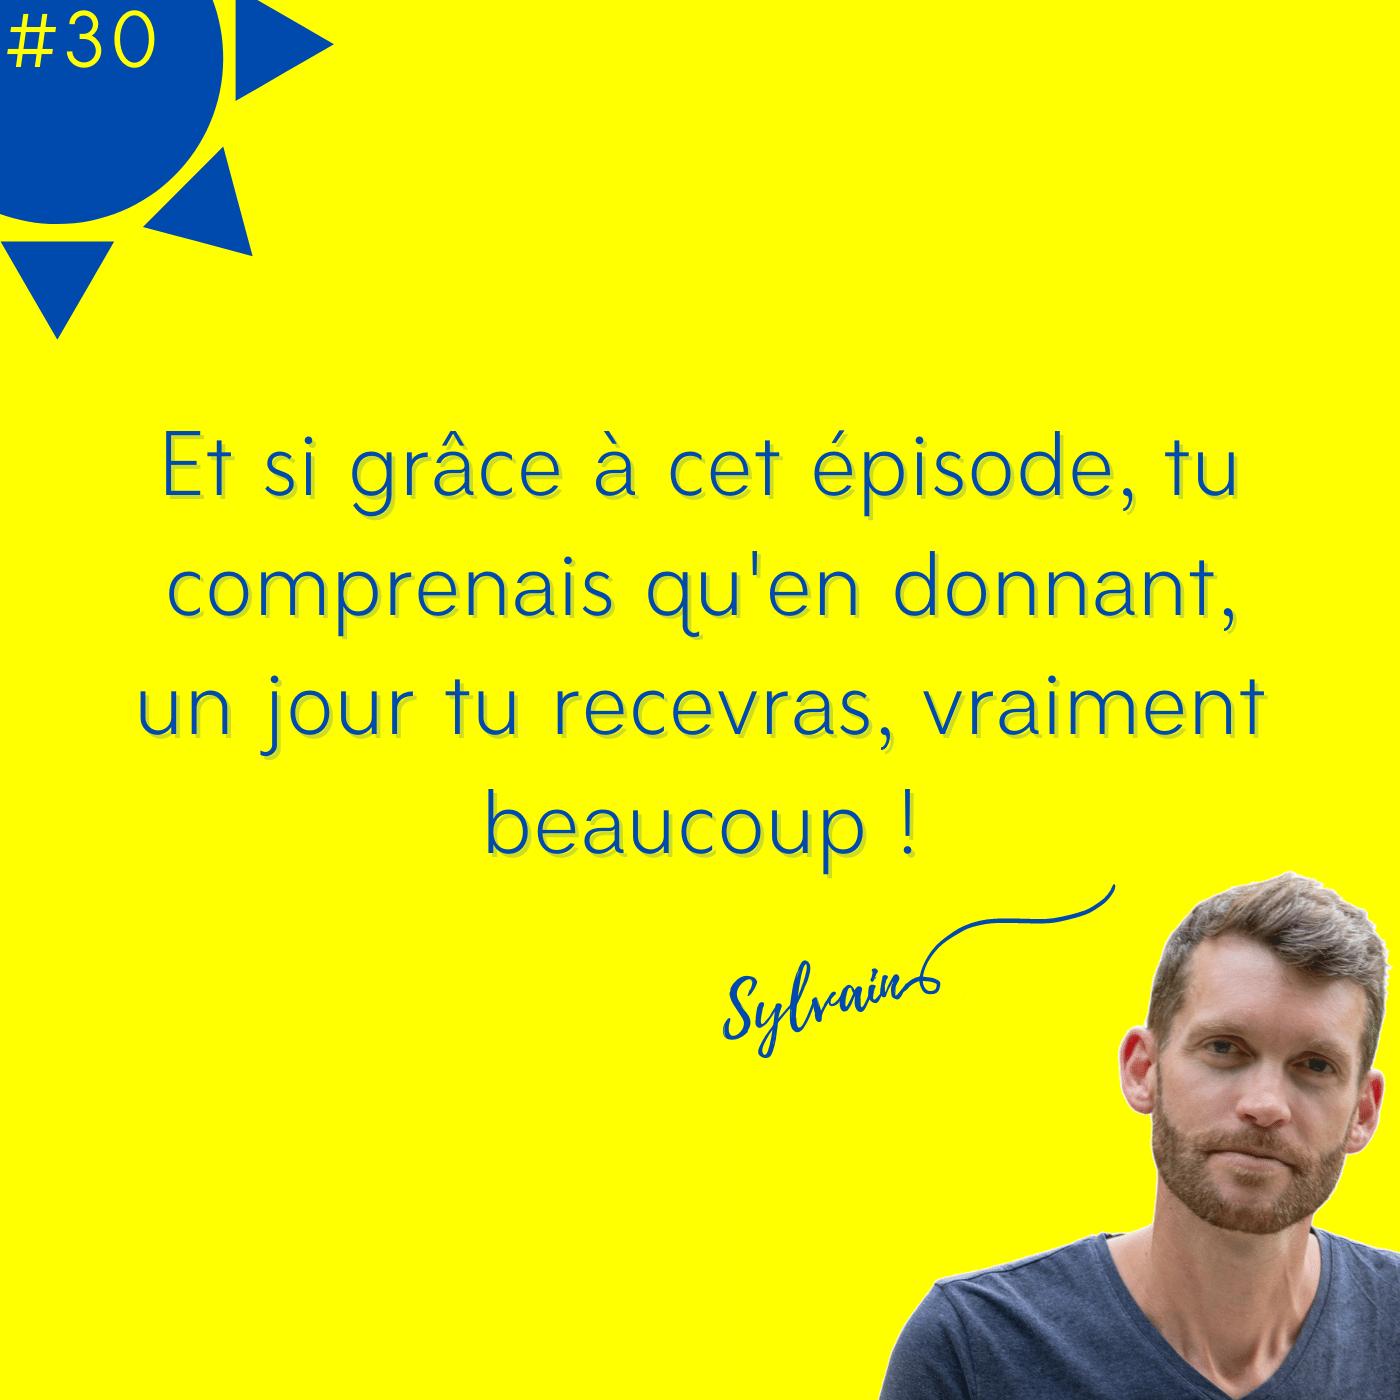 episode S1E112